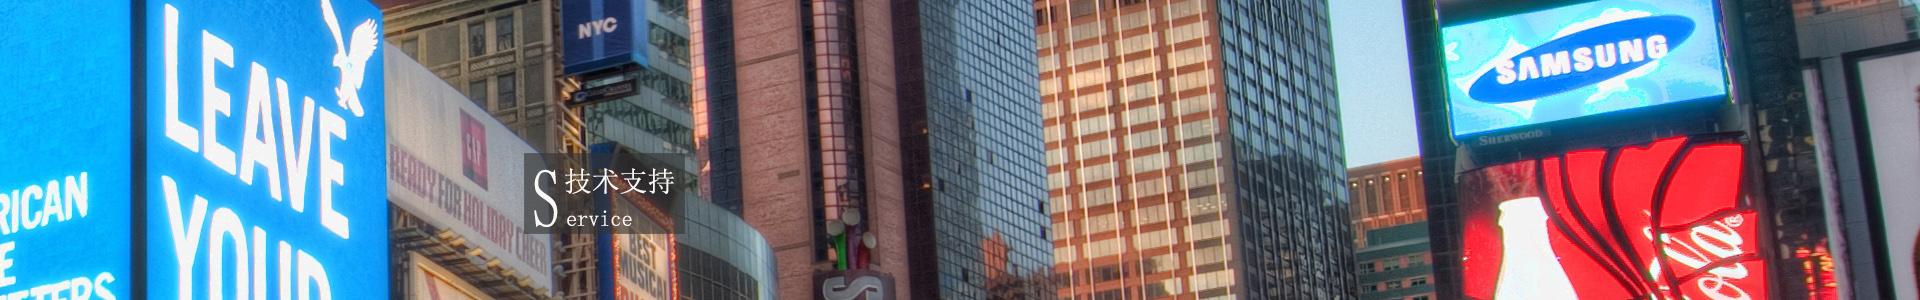 LED租赁大屏幕